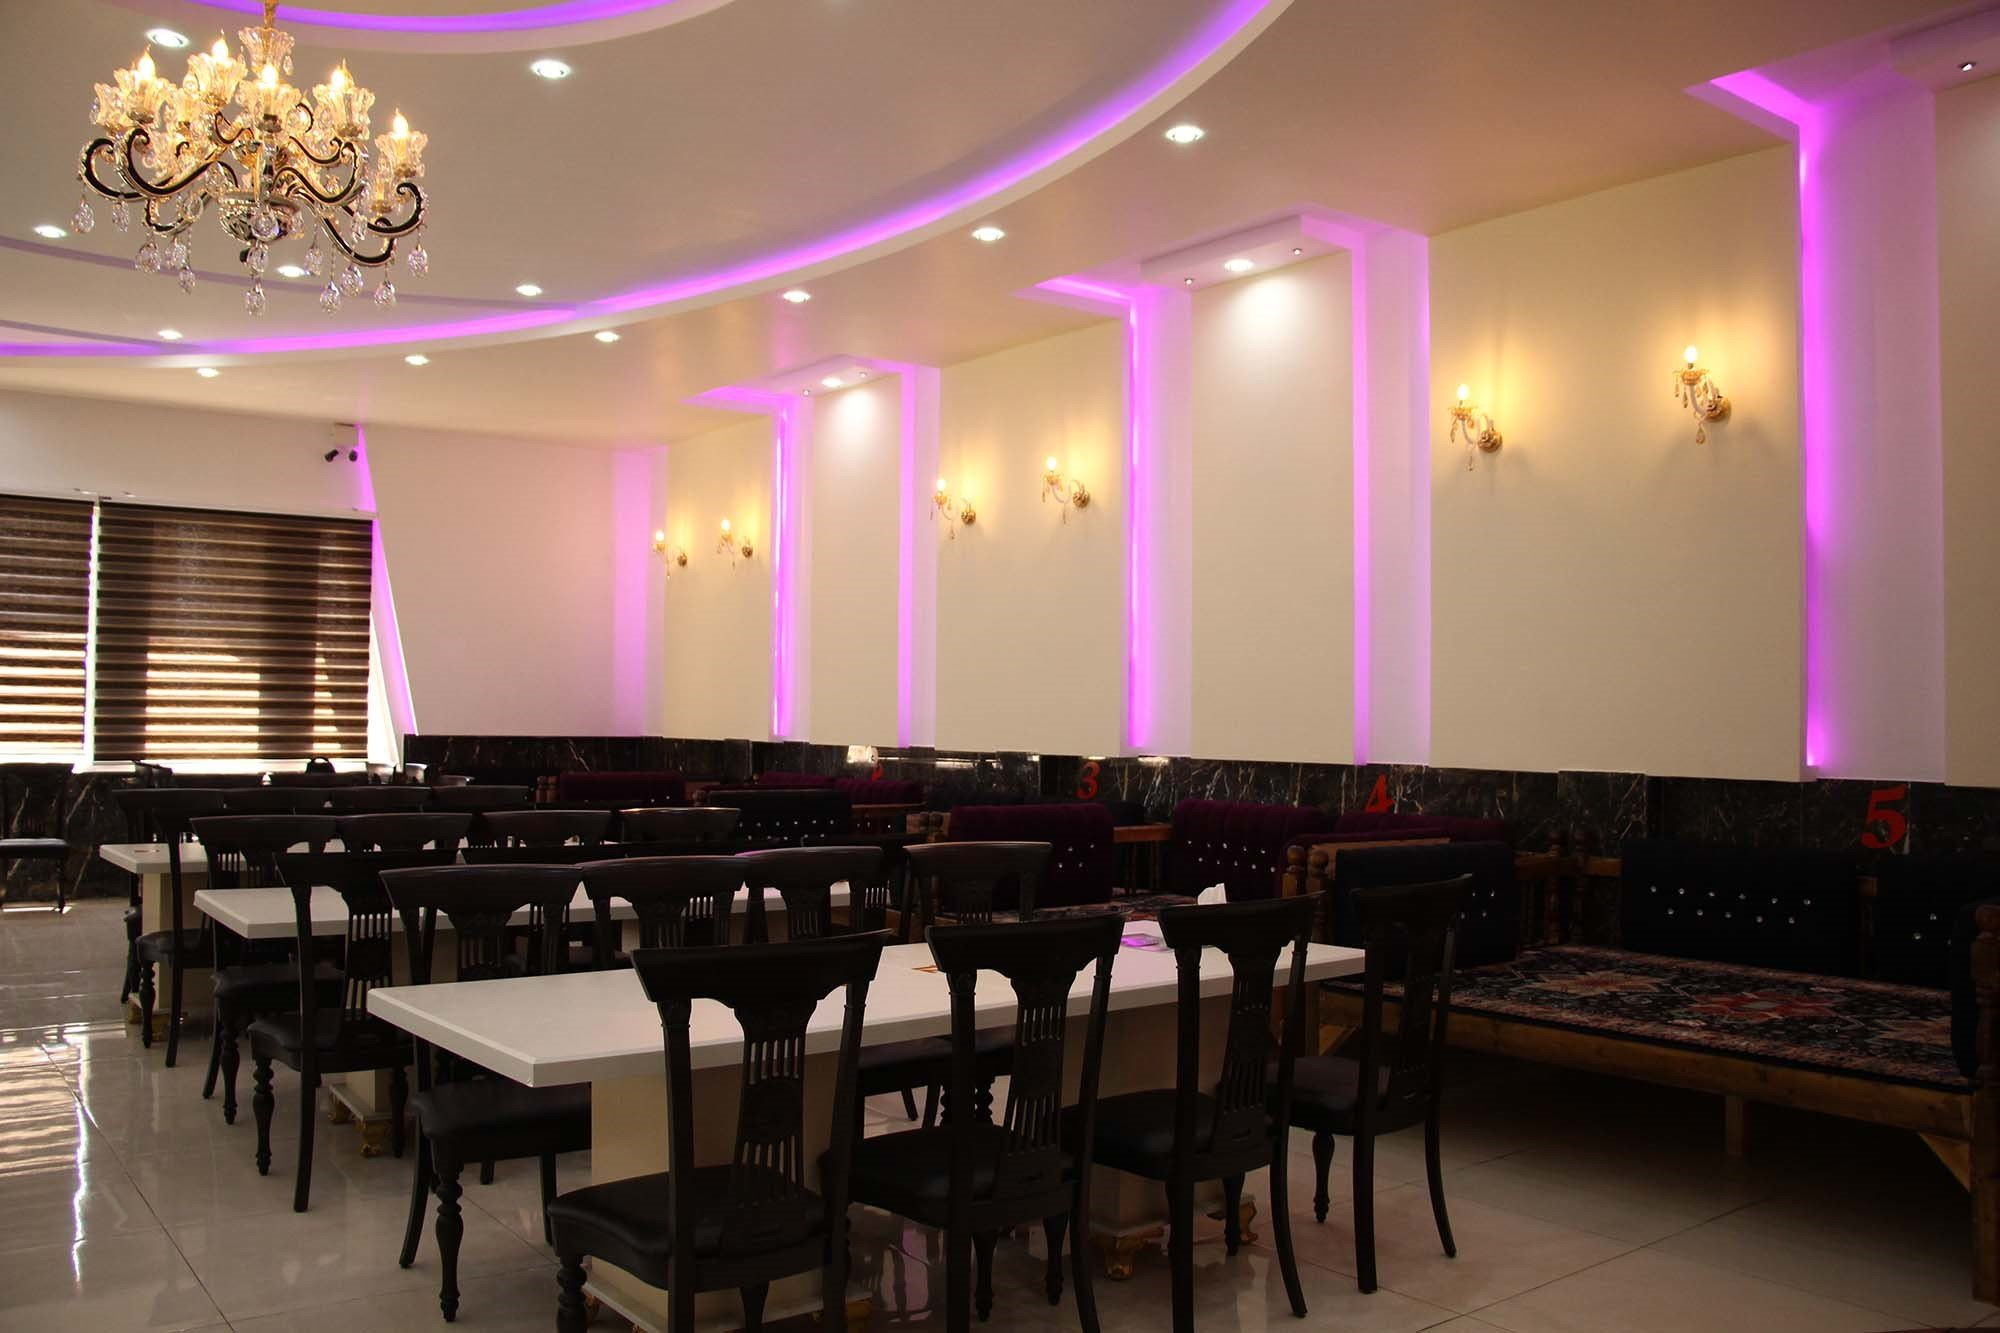 رستوران آلاچیق محمود آباد  رستوران آلاچیق محمود آباد